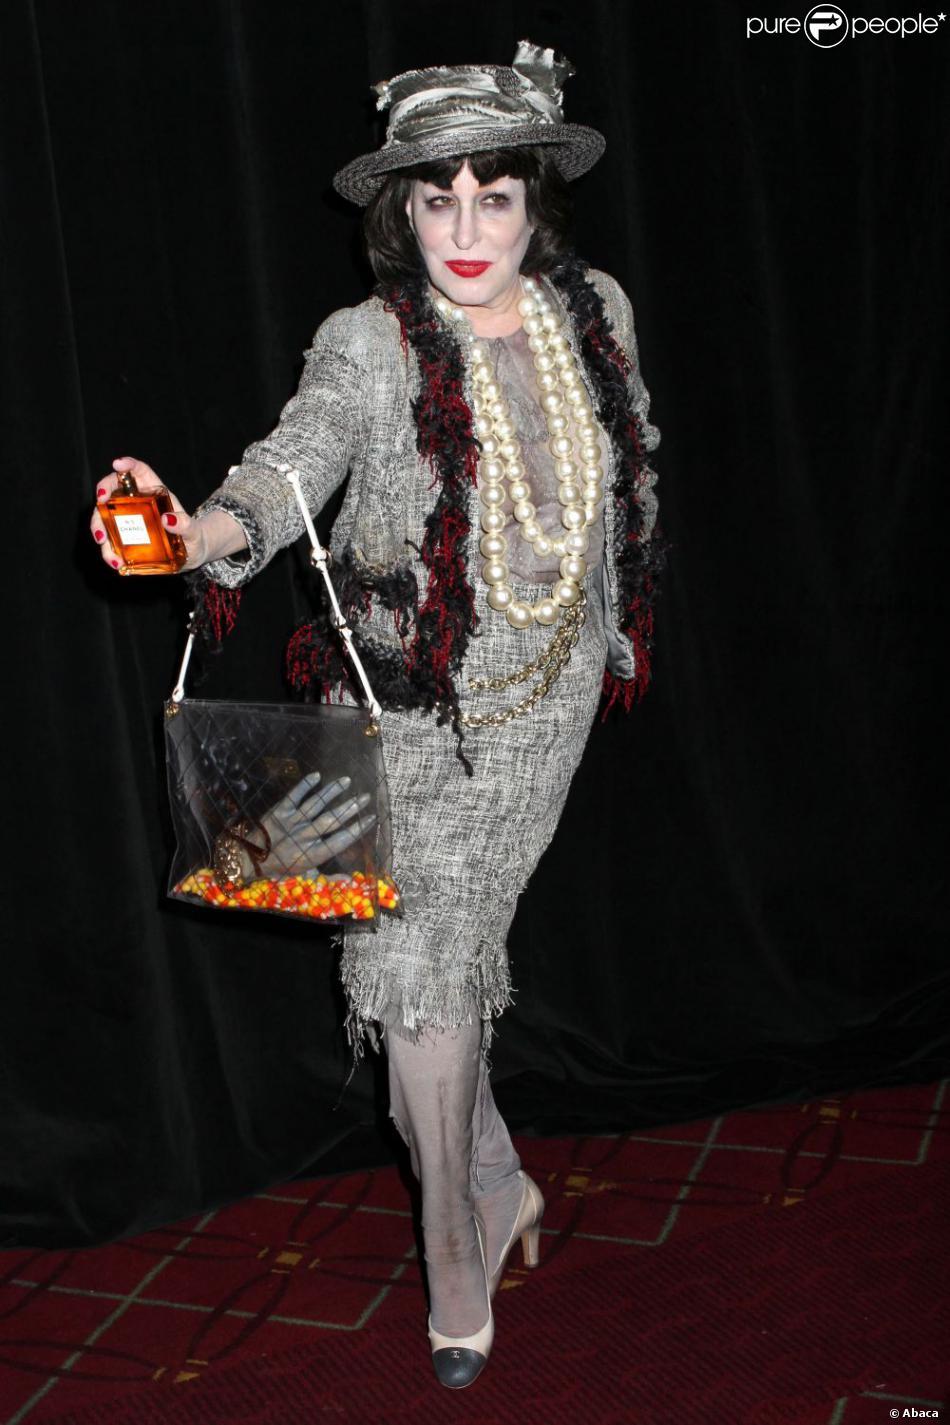 Bette Midler au bal annuel d'Halloween qu'elle organise pour sa fondation, à New York, le 31 octobre 2012.